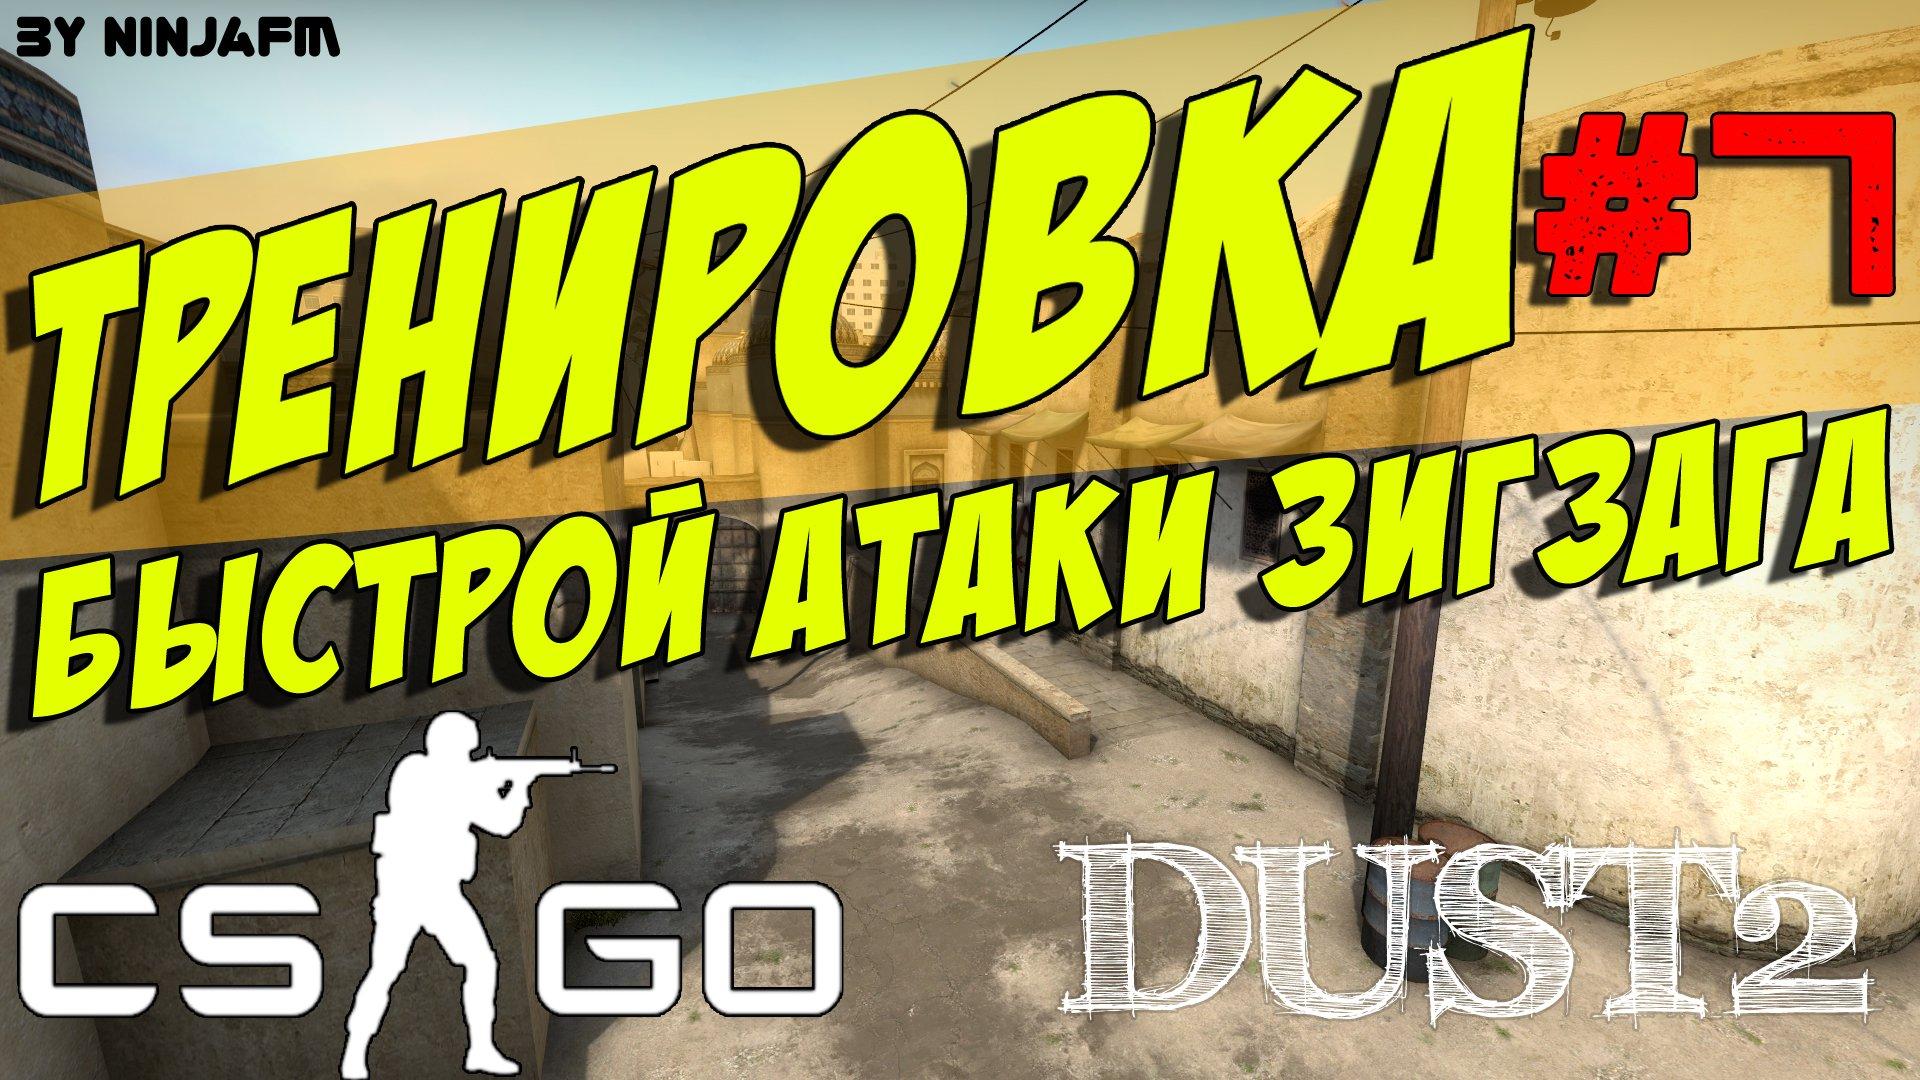 Тактики CS GO #7 - Тренировка атаки зигзага в соло Dust2 (T) . - Изображение 1